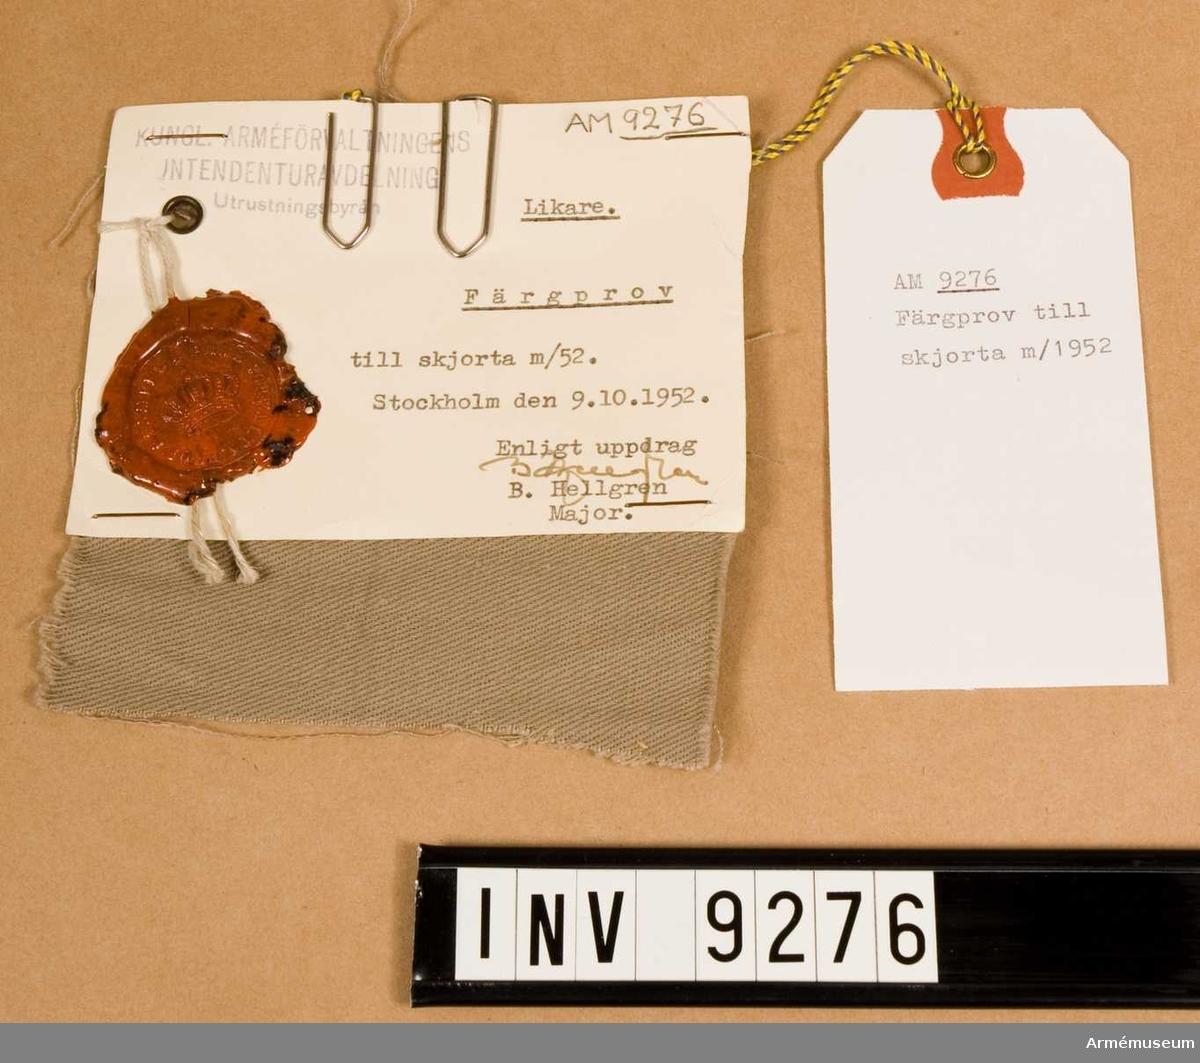 """Ett beigefärgat tygprov. På lapp: """"Likare. Färgprov till skjorta m/52 Stockholm  9.10.1952. Enligt uppdrag (namnteckning) B. Hallgren Major."""". Med stämpel från Kungl. Arméförvaltningens intendenturavdelning utrustningbyrån."""